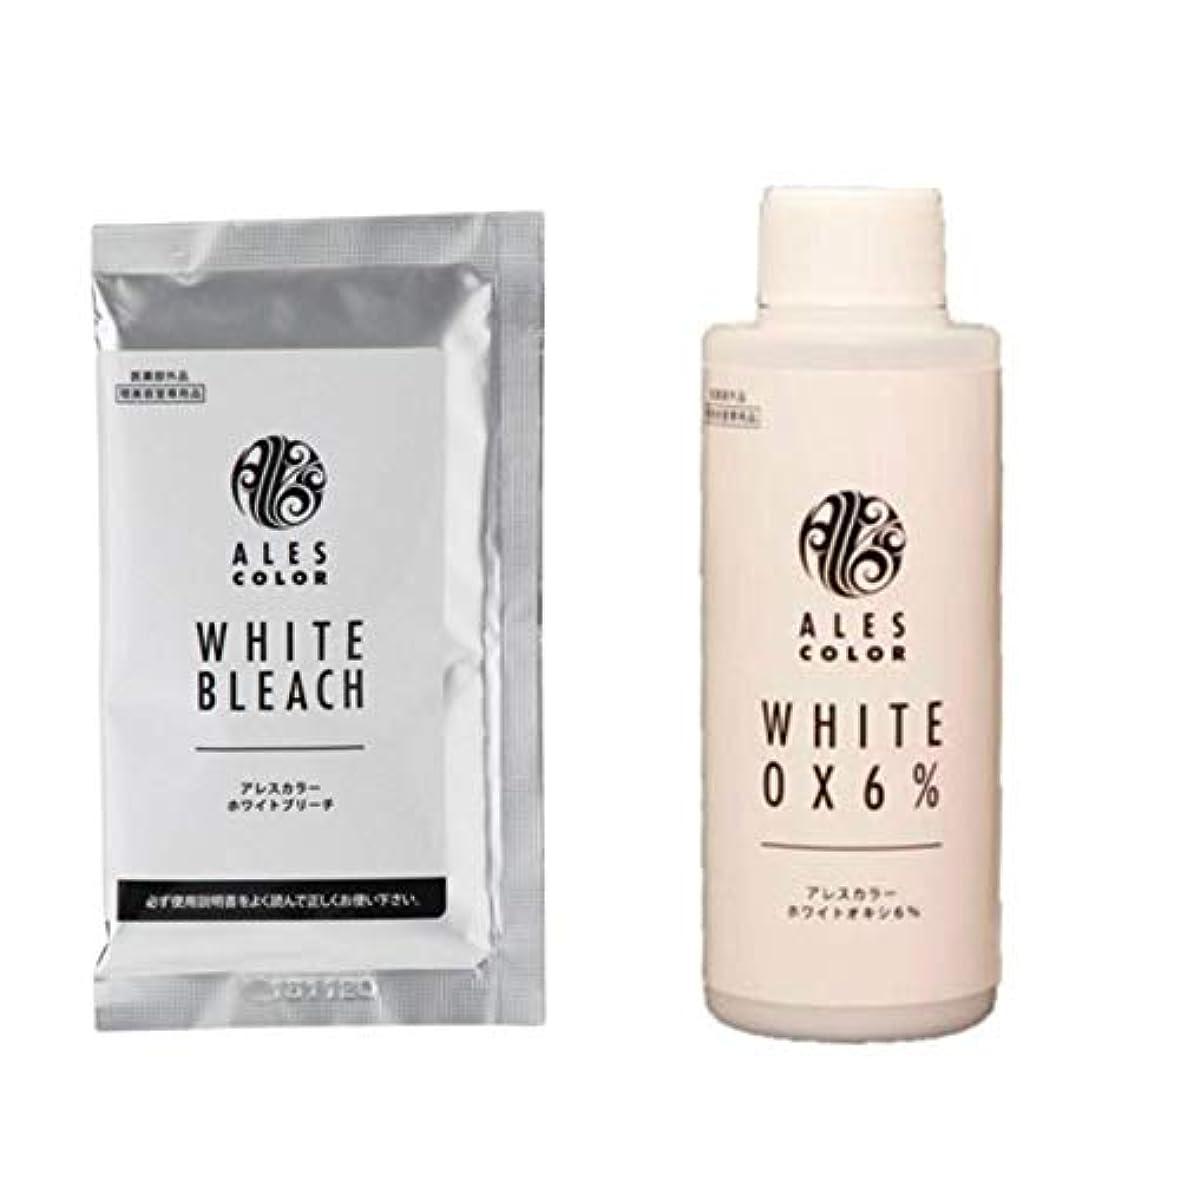 信じる免疫する船形アレスカラー ホワイトブリーチ セット(1剤) 30g ホワイトオキシ6% 120ml